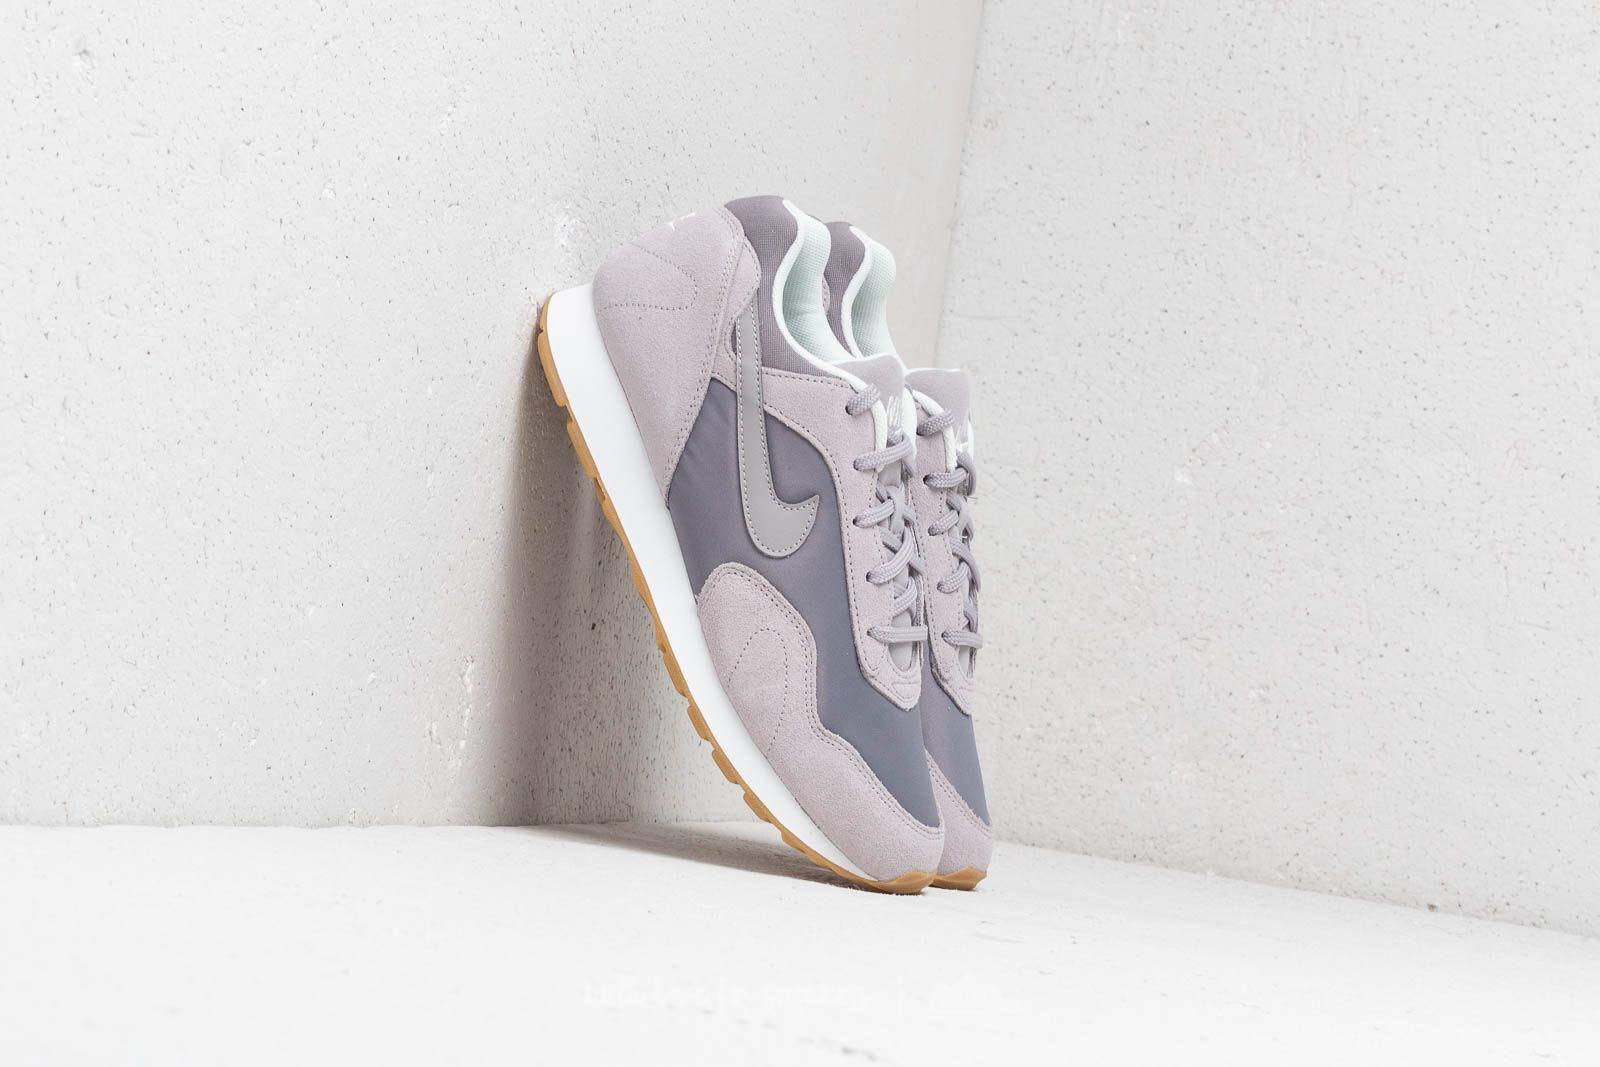 Nike Outburst Wmns Gunsmoke/ Atmosphere Grey za skvělou cenu 1 430 Kč koupíte na Footshop.cz